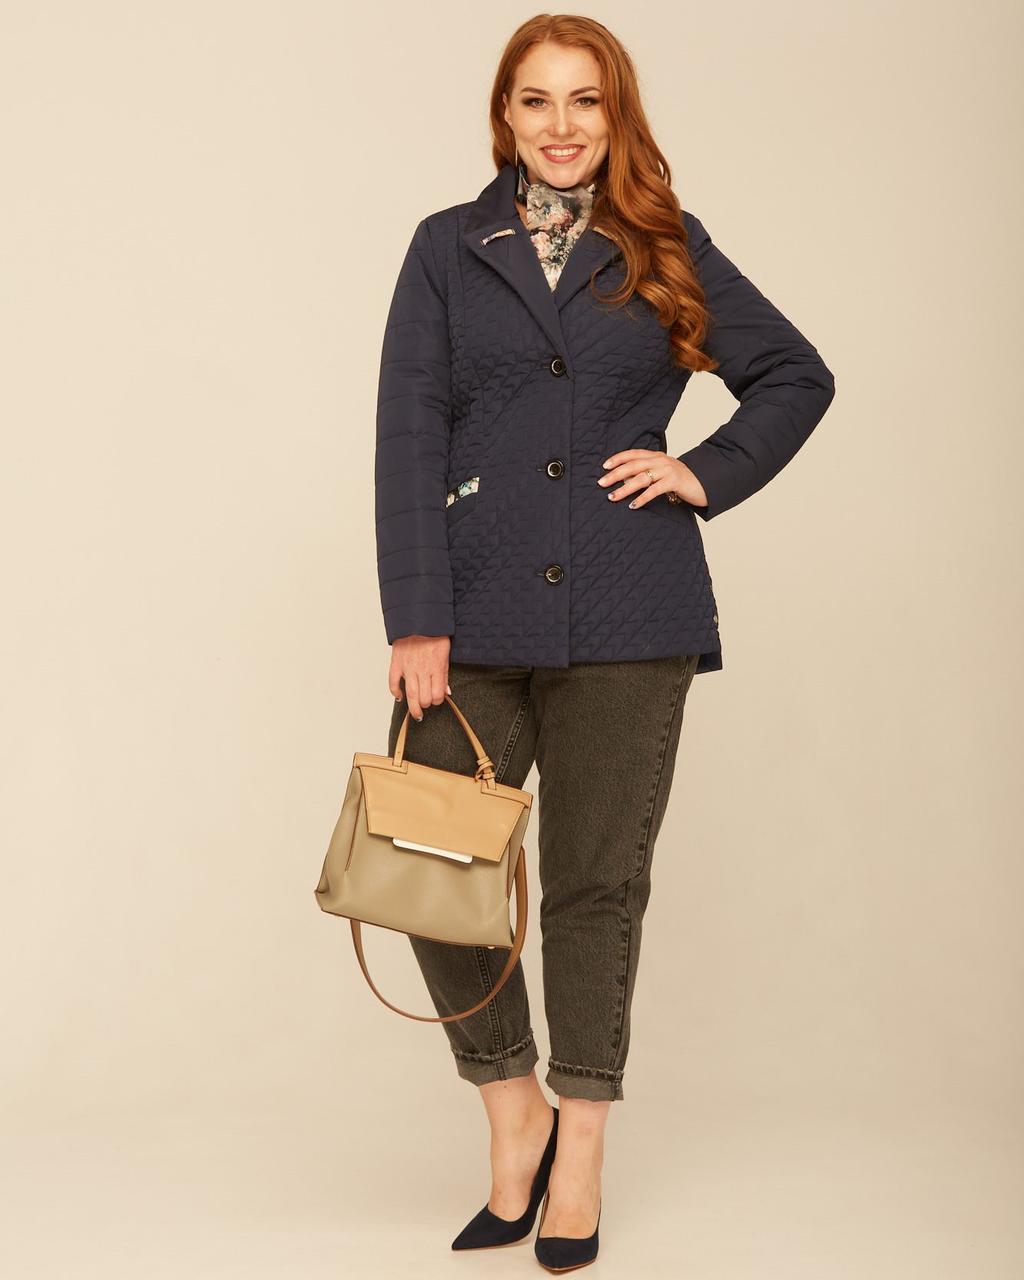 Жіноча БАТАЛЬНА куртка з шарфом із 48 з 60 розмір Темно-синя